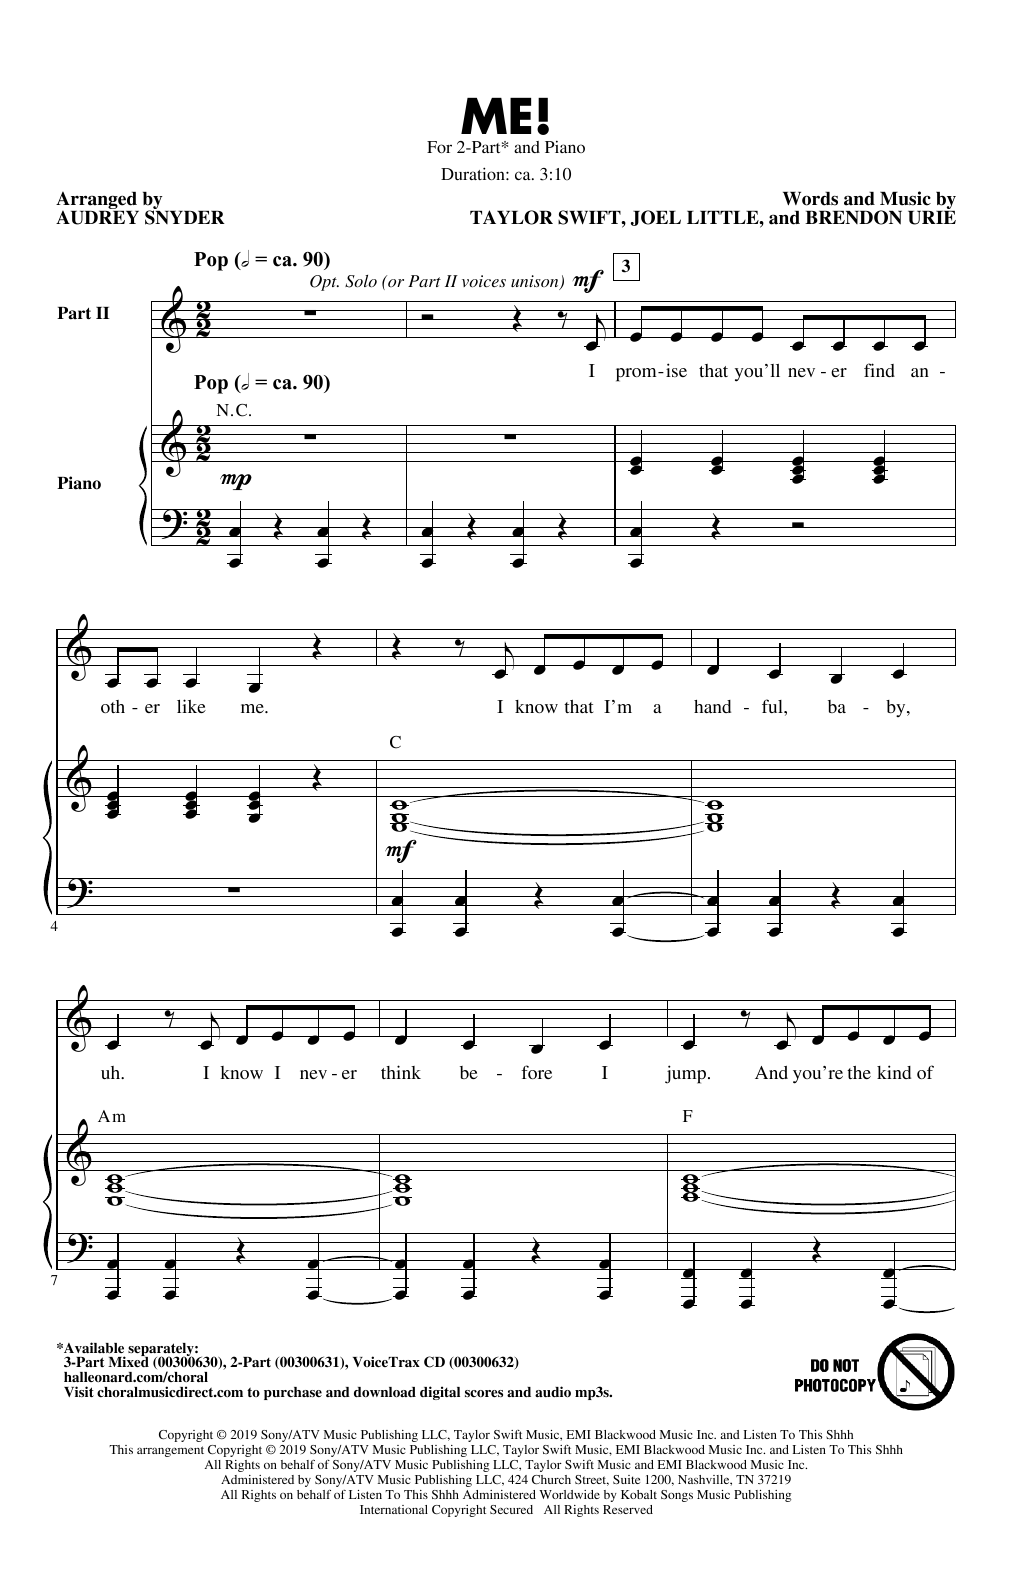 ME! (arr. Audrey Snyder) (2-Part Choir)